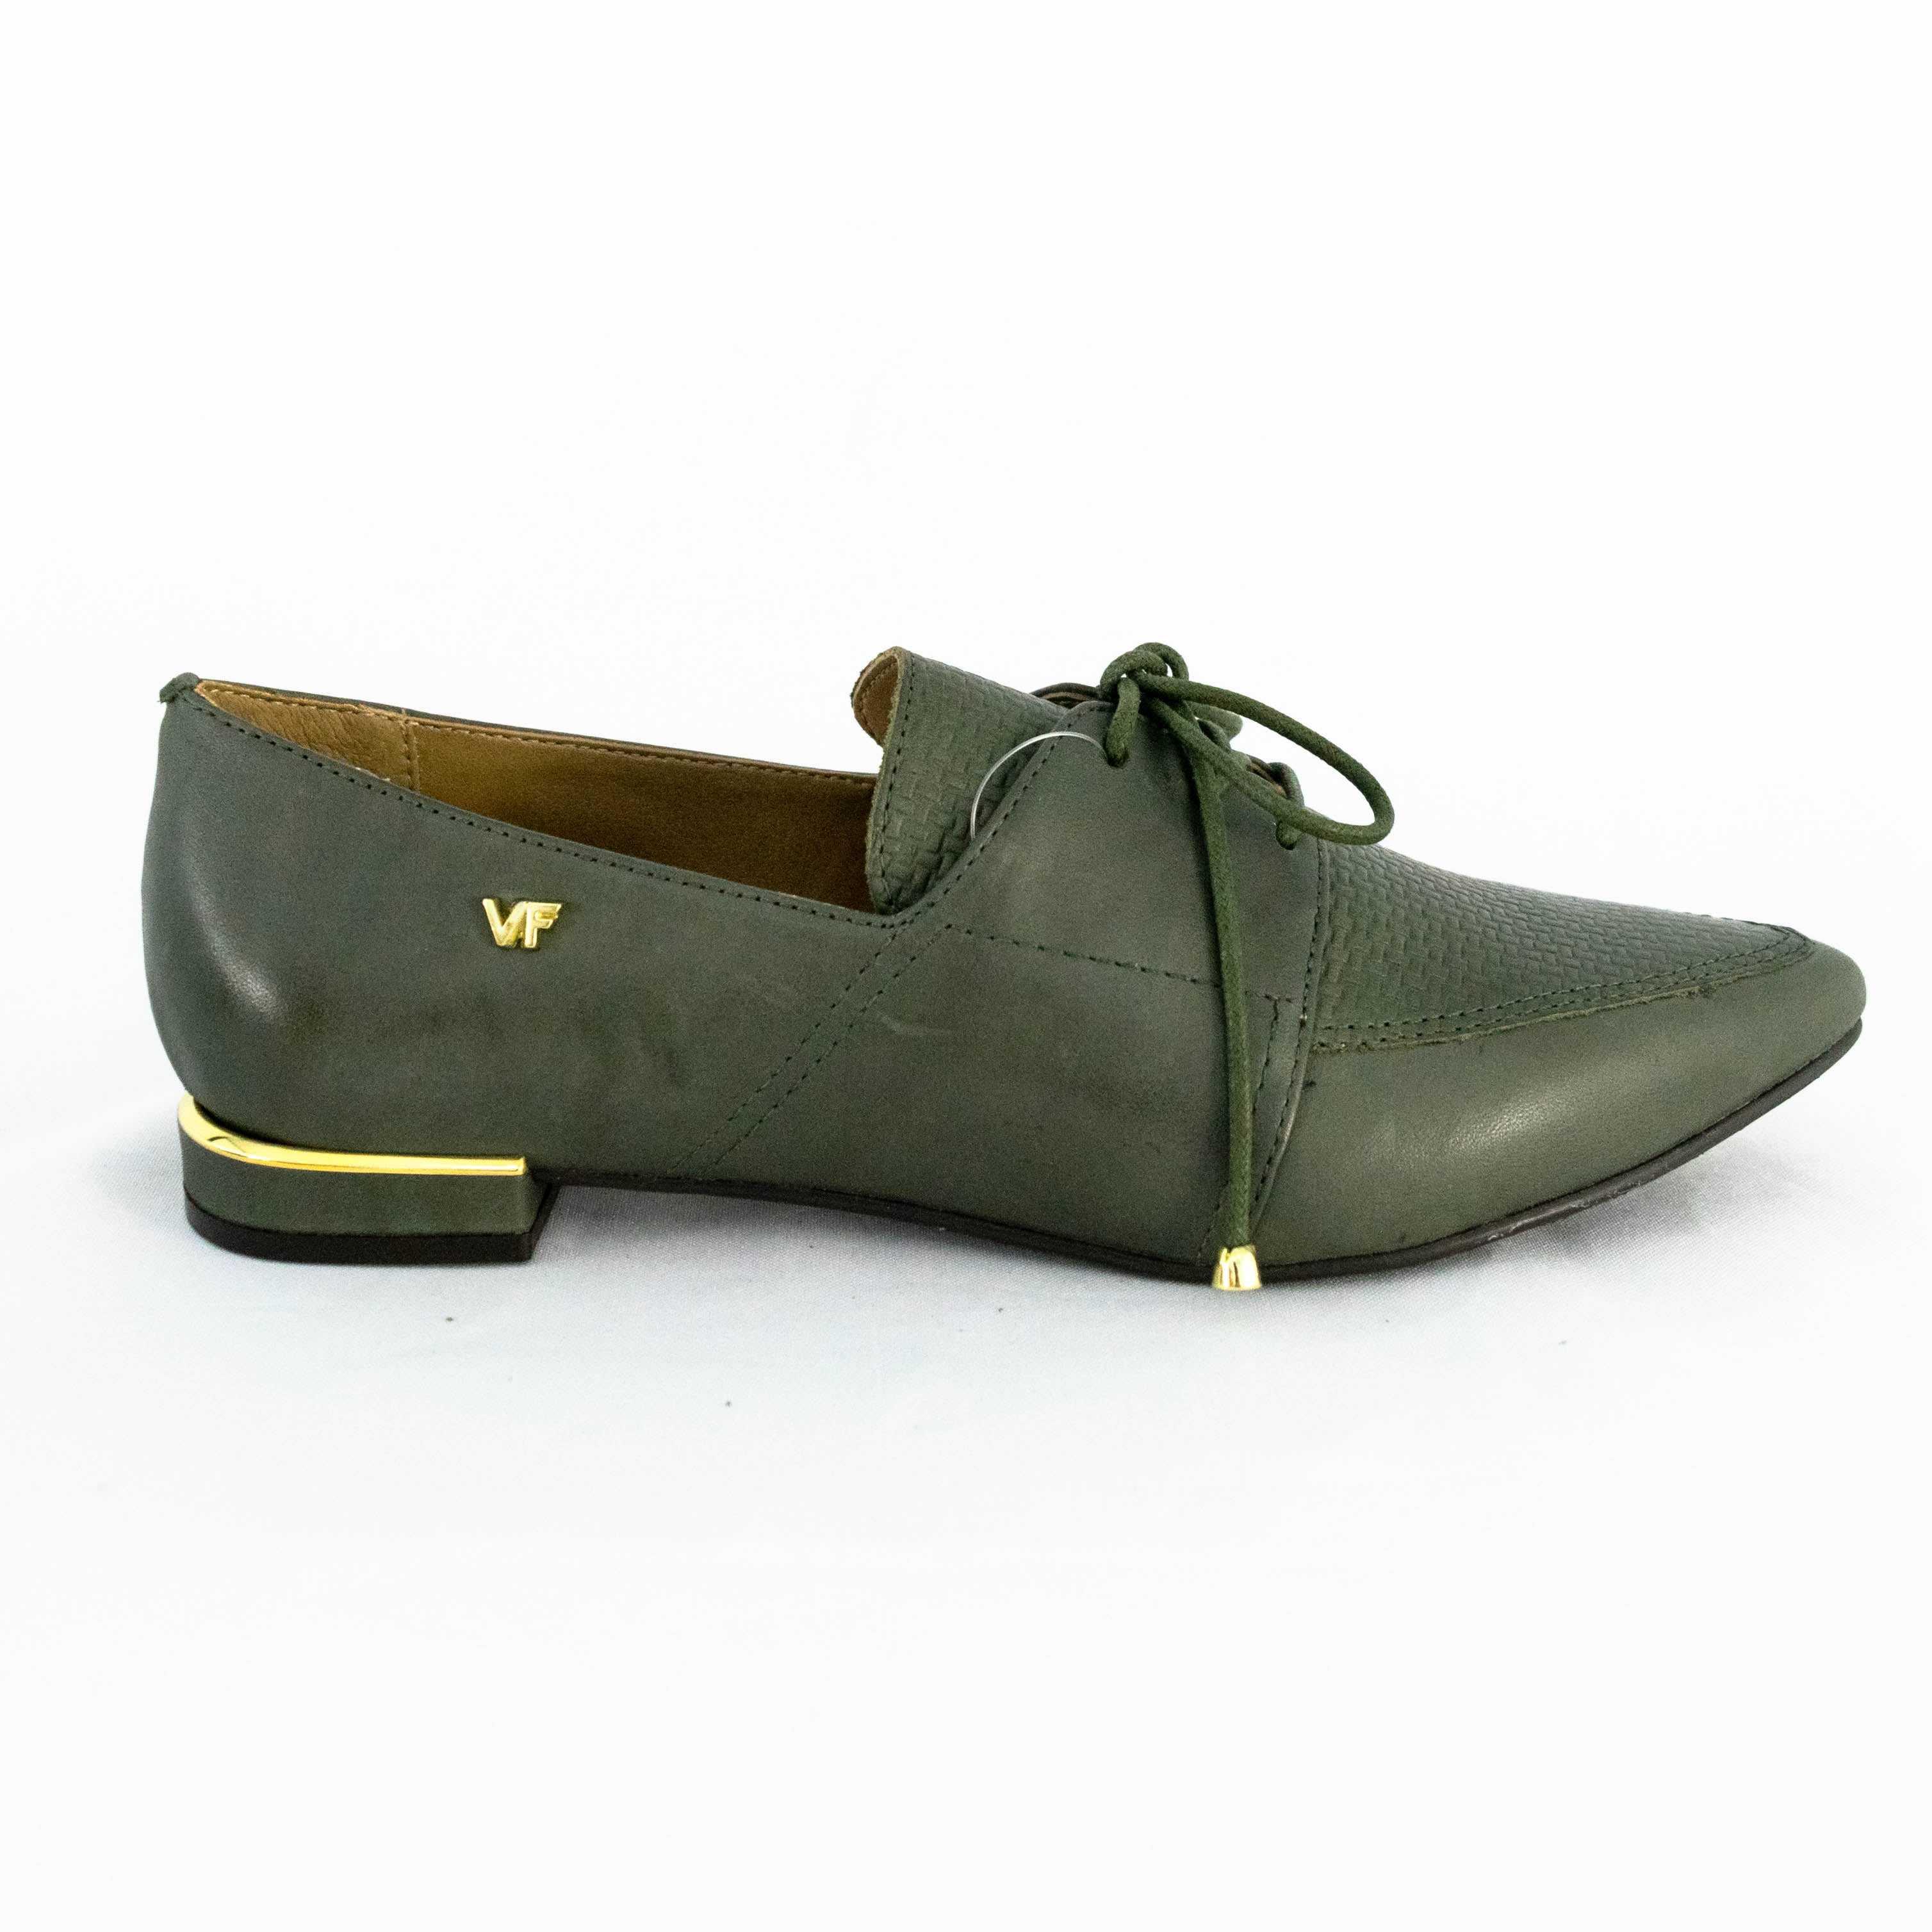 Sapato Oxford Verofatto 6012704 Couro Atanado